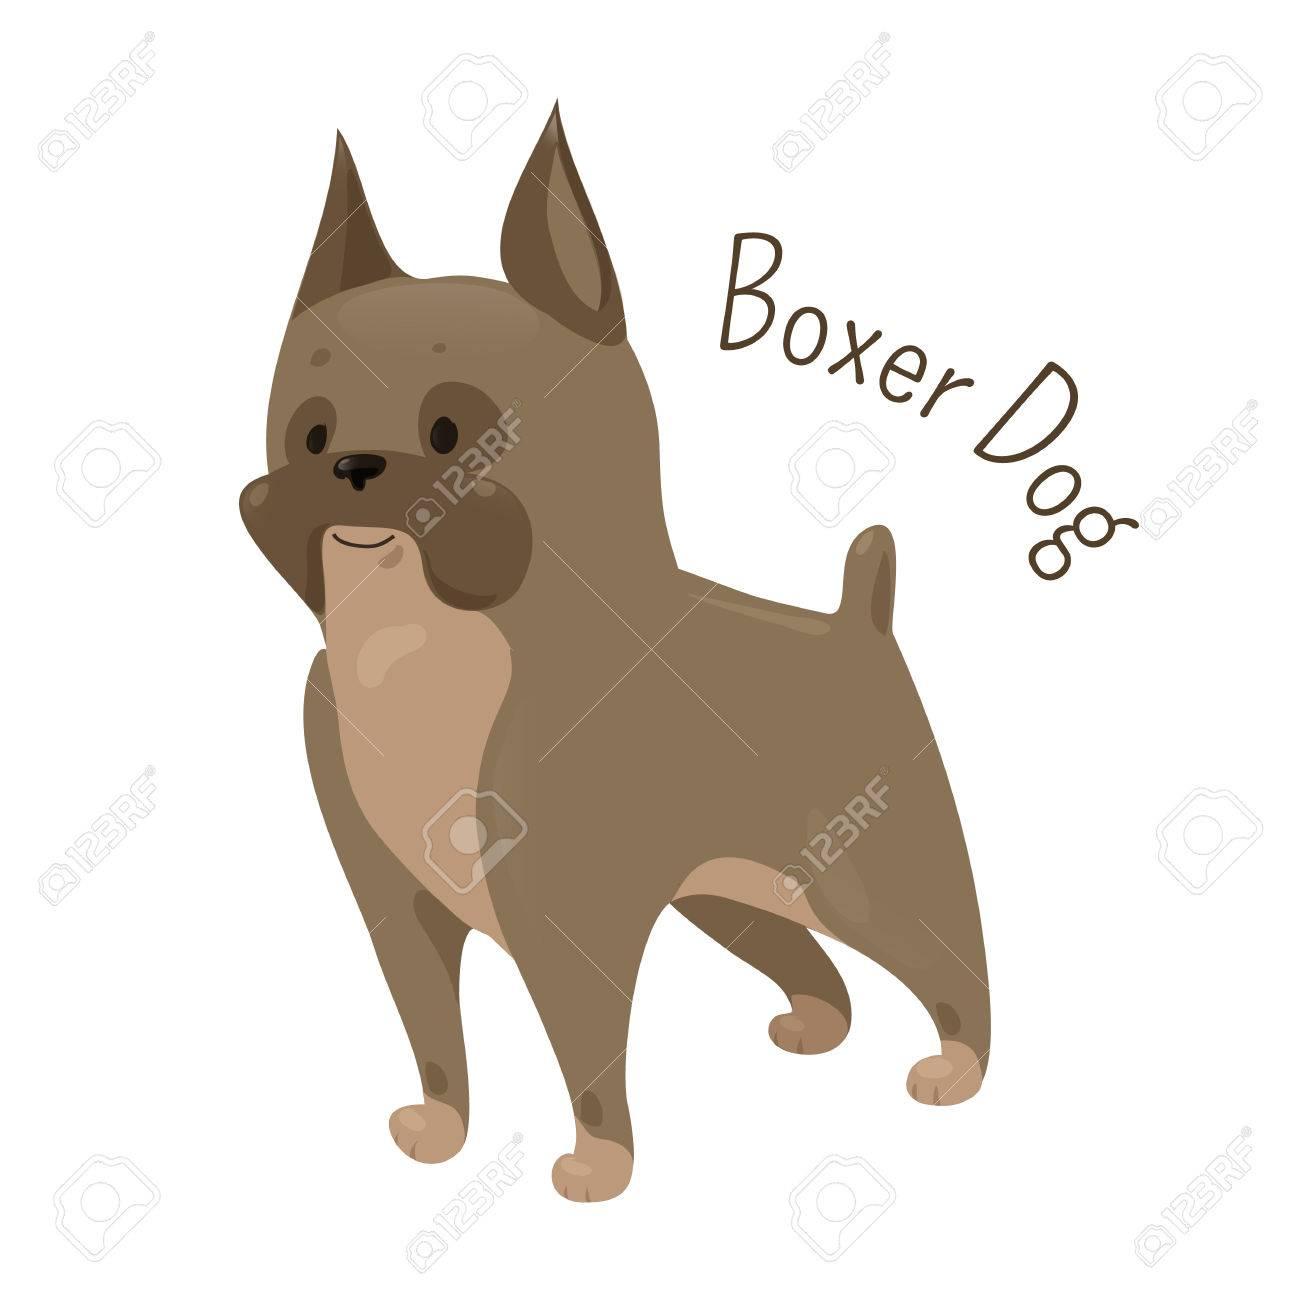 Vettoriale cane boxer isolato su sfondo bianco il pelo è liscio